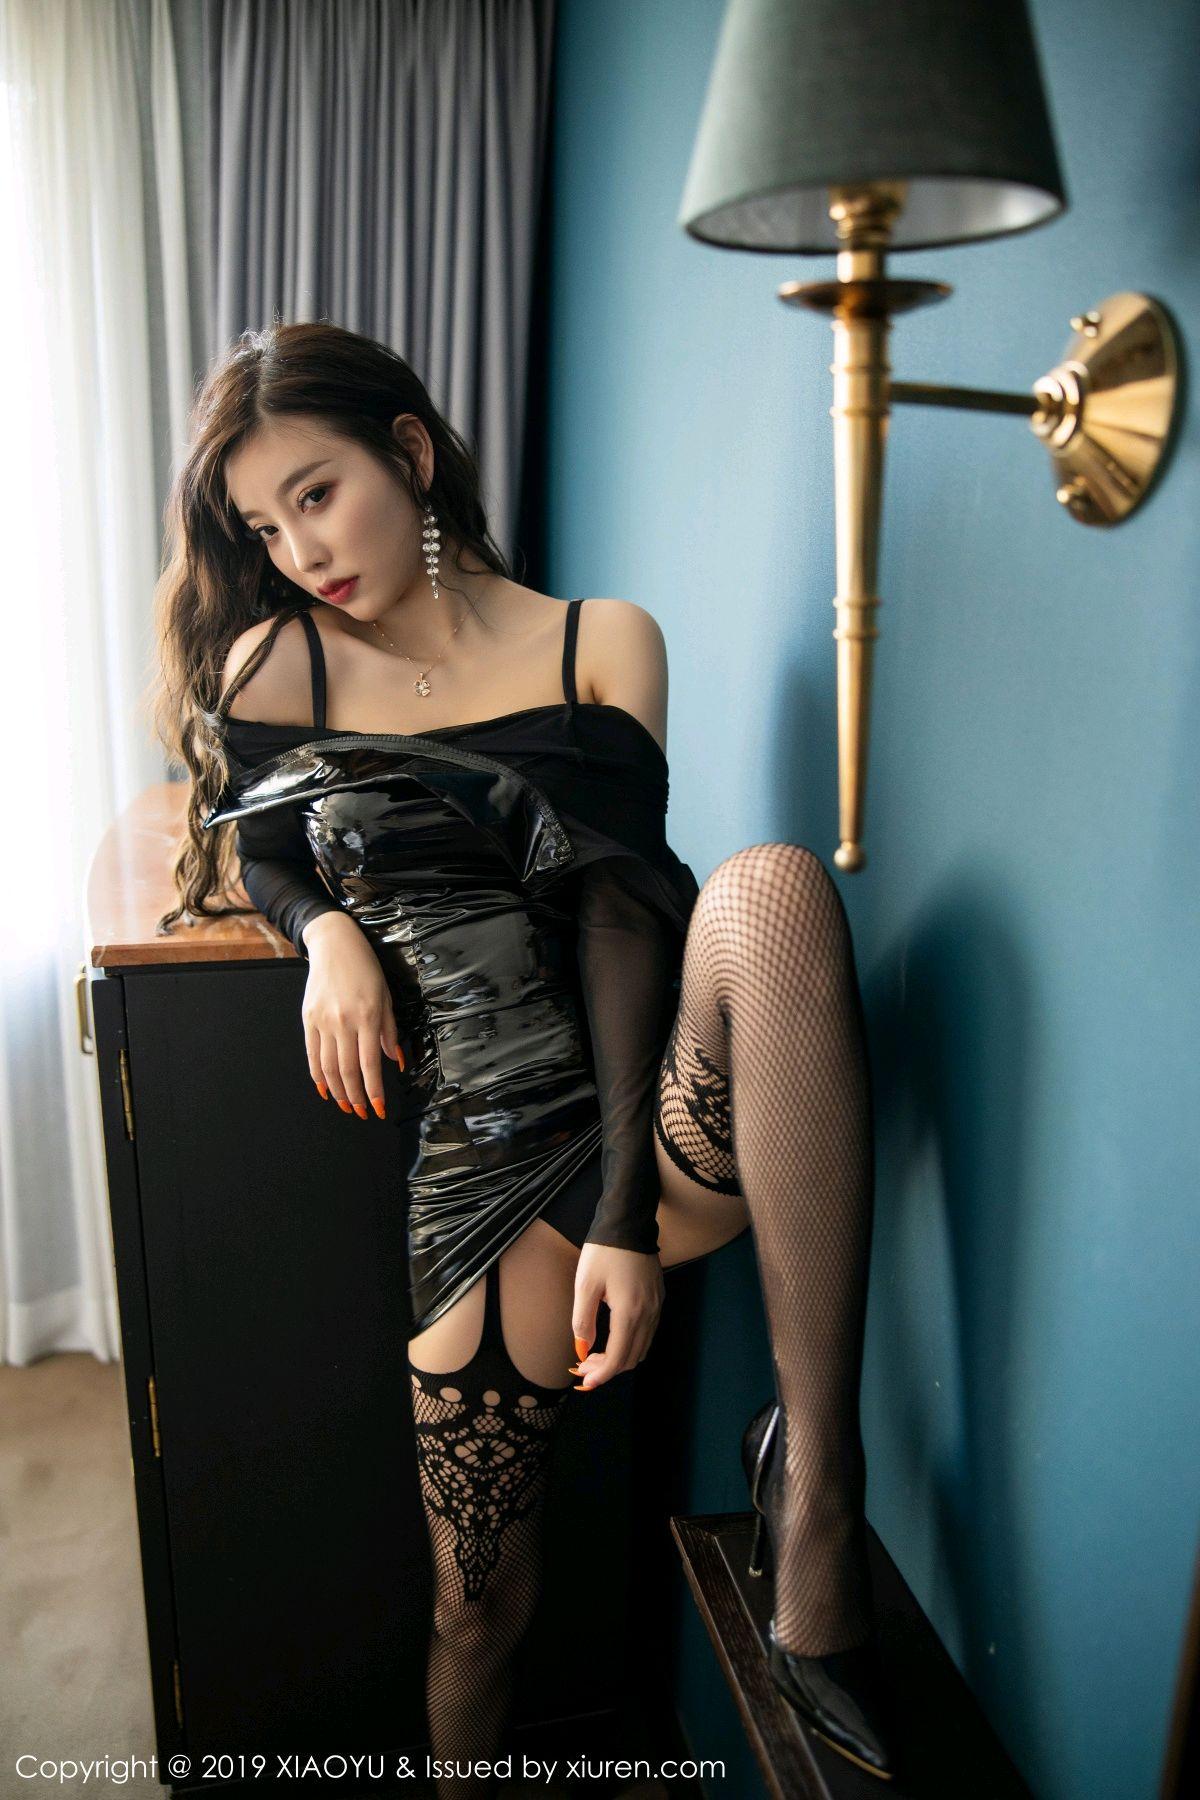 [XiaoYu] Vol.199 Yang Chen Chen 46P, Black Silk, Underwear, XiaoYu, Yang Chen Chen